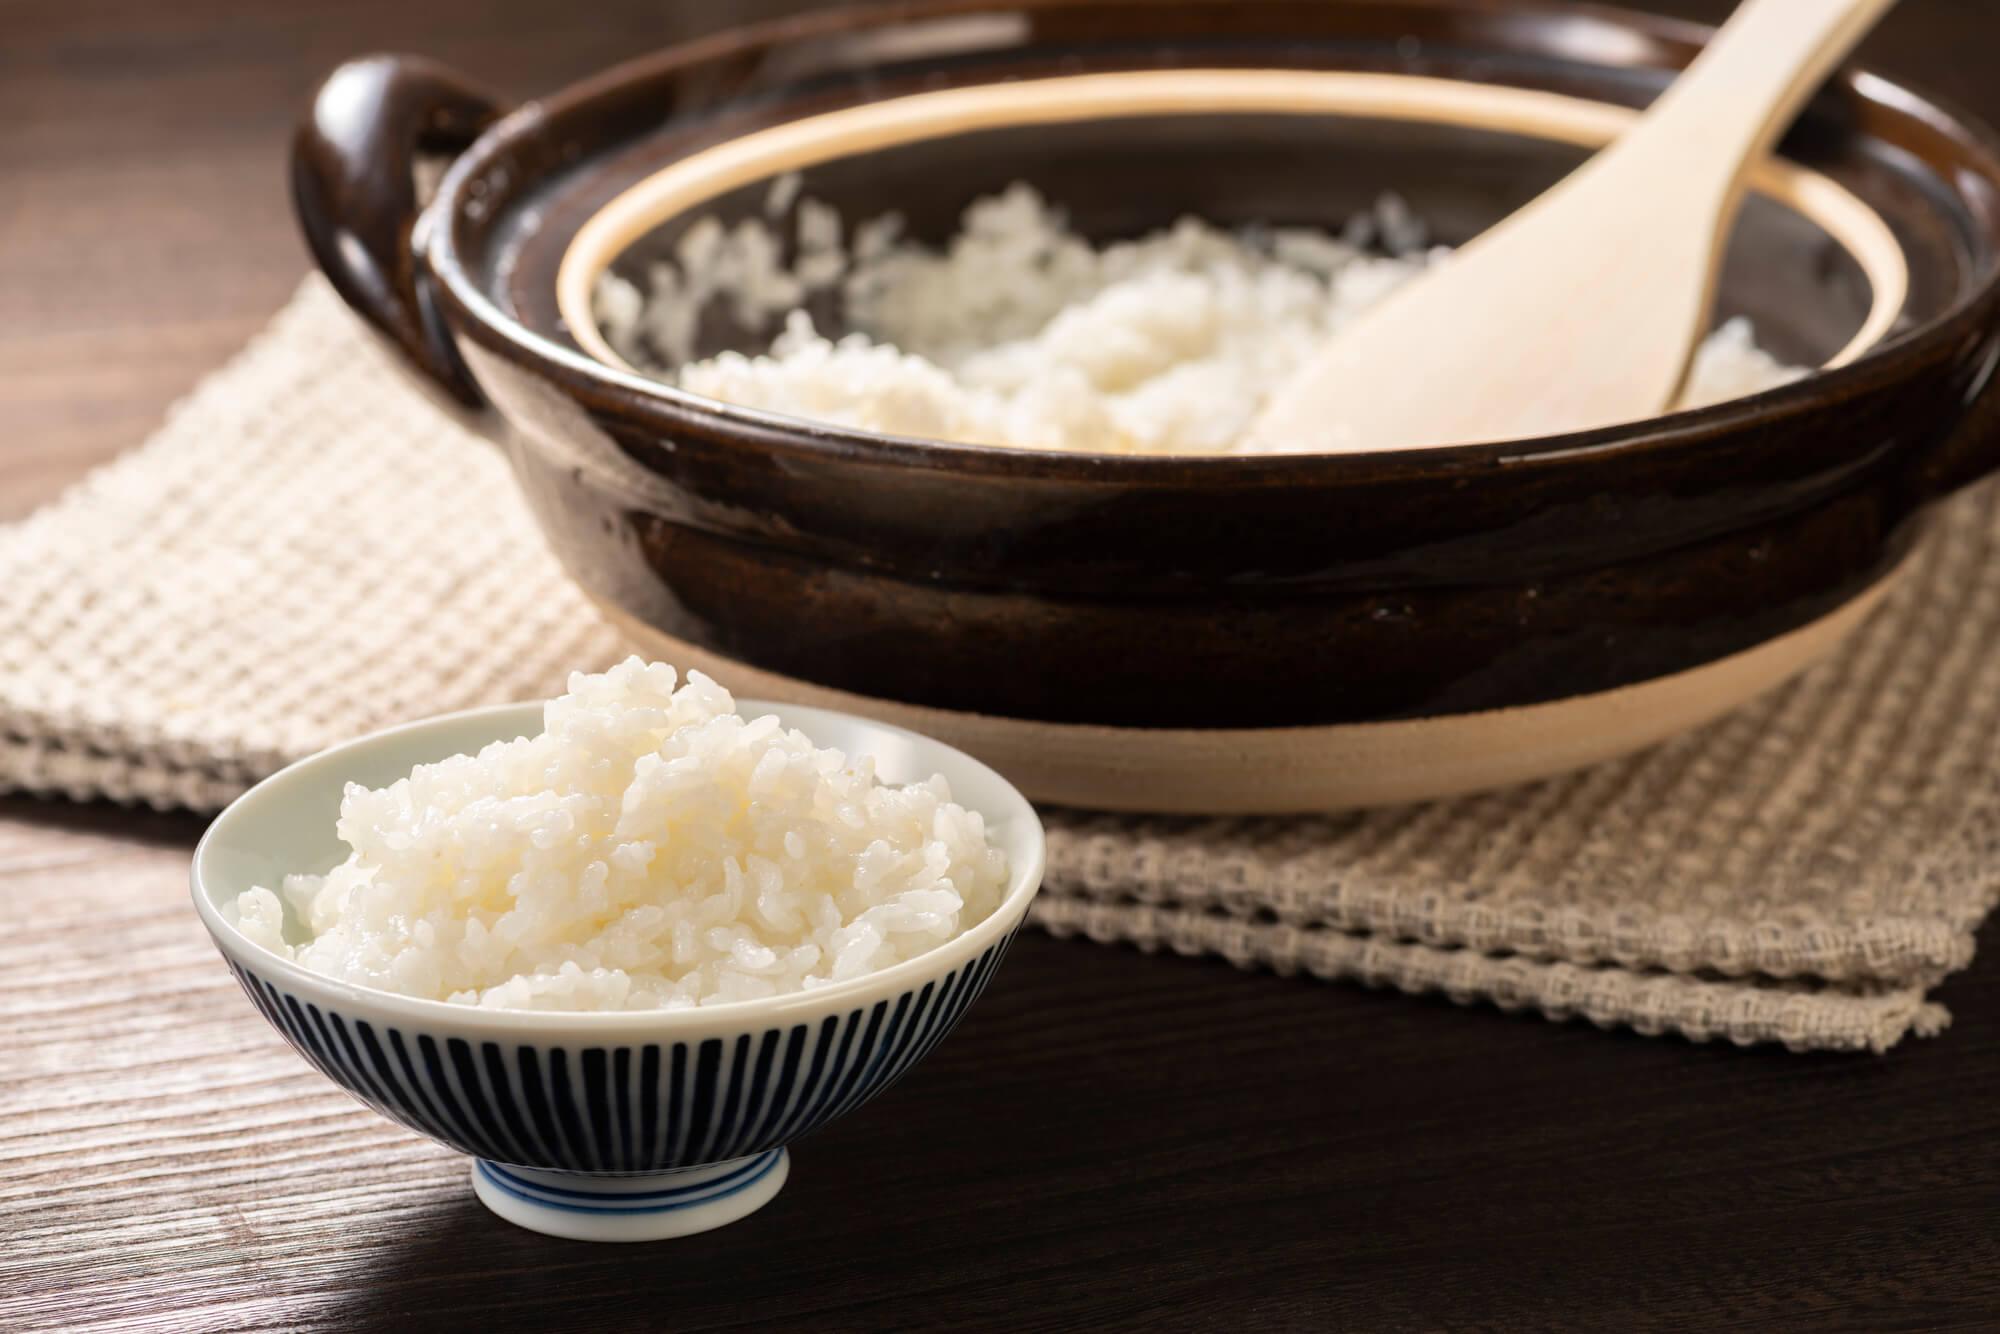 ブランド米とはどんなお米?他のお米と何が違うの?